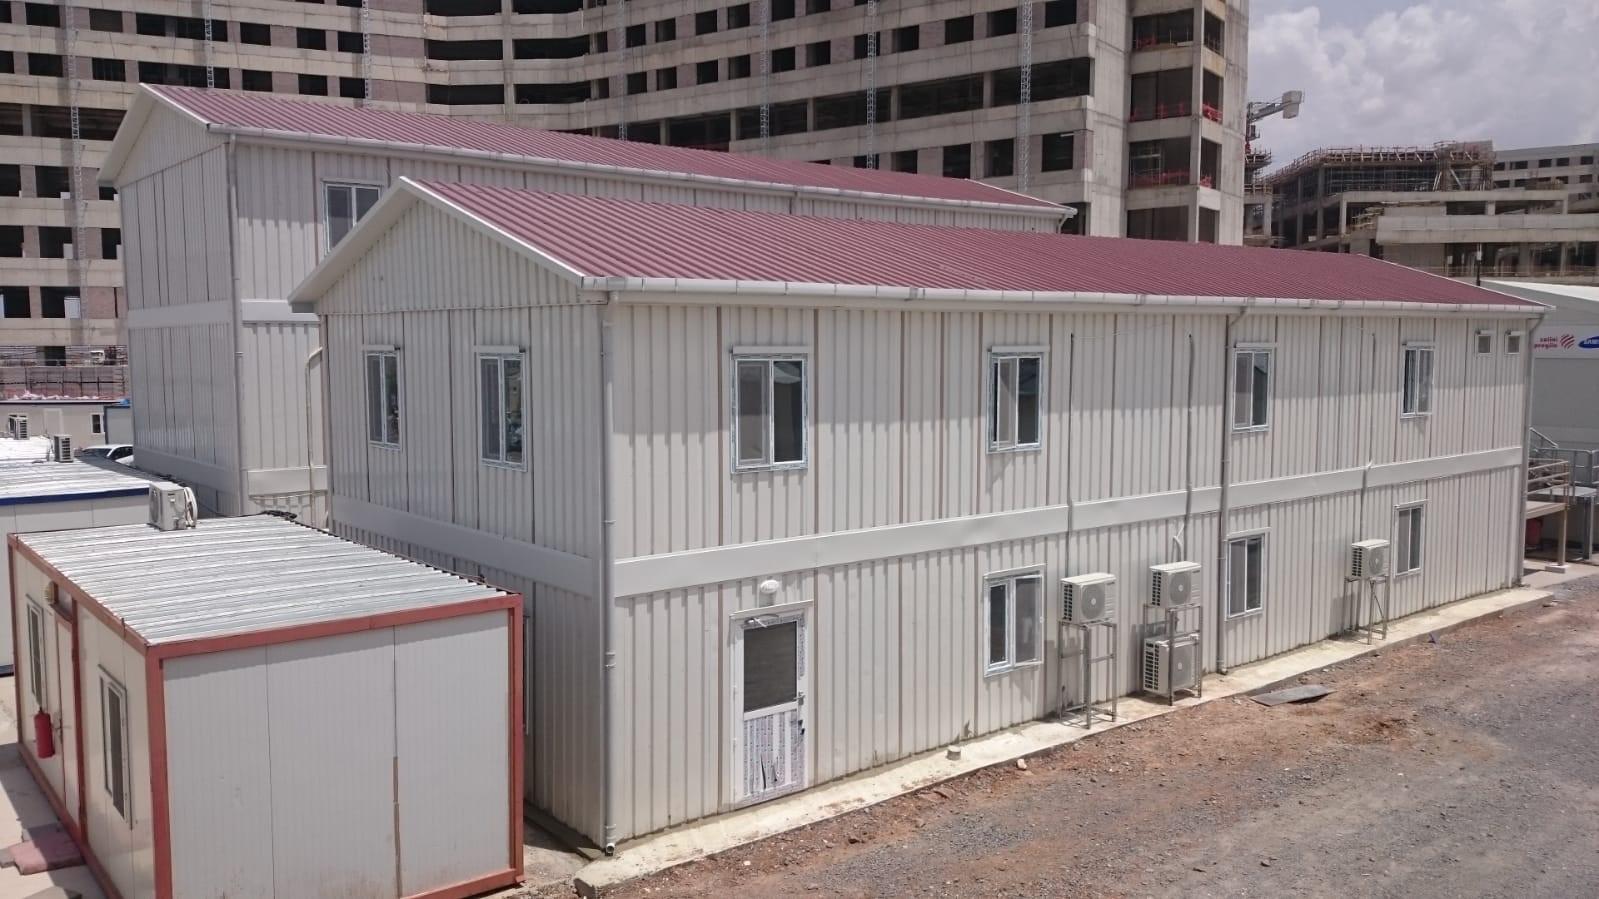 Portacabins Nigeria – Prefabricated Container buildings nigeria